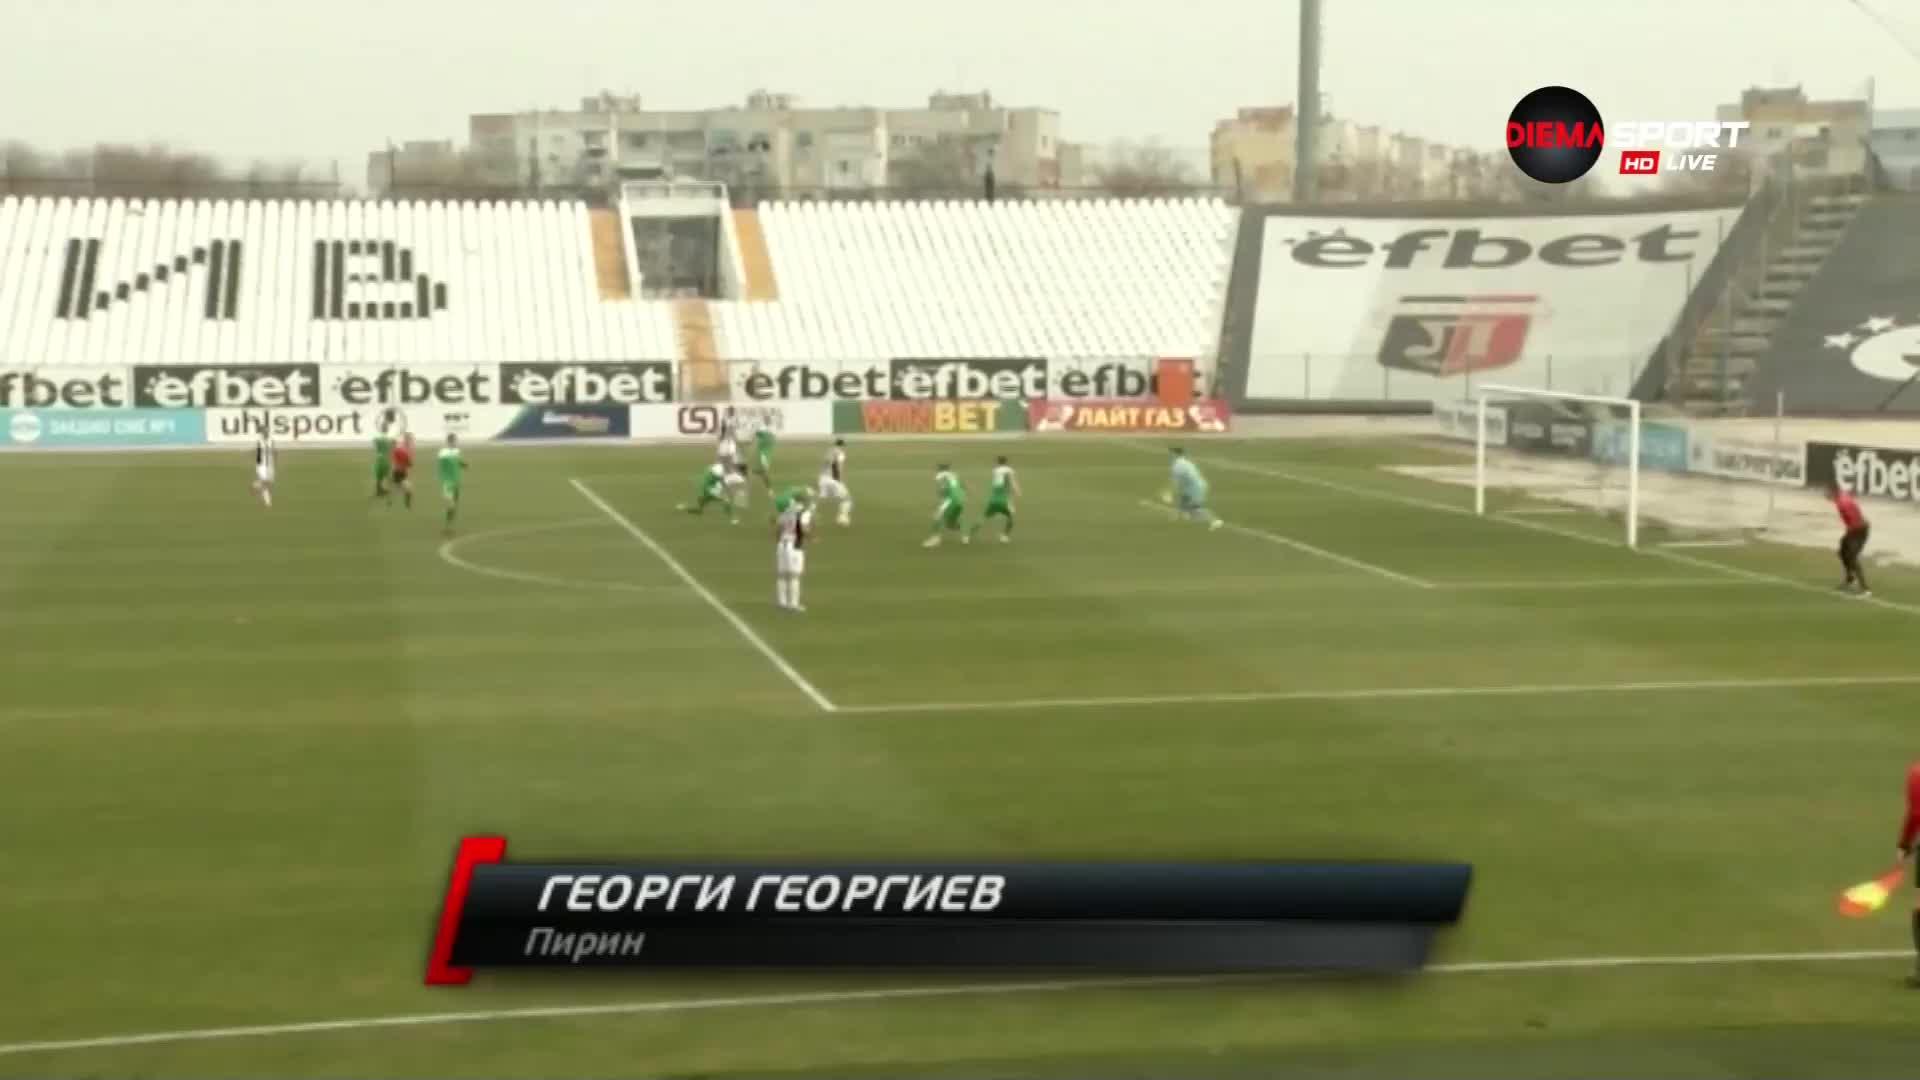 Спасяване на Георги Георгиев срещу Локомотив Пд